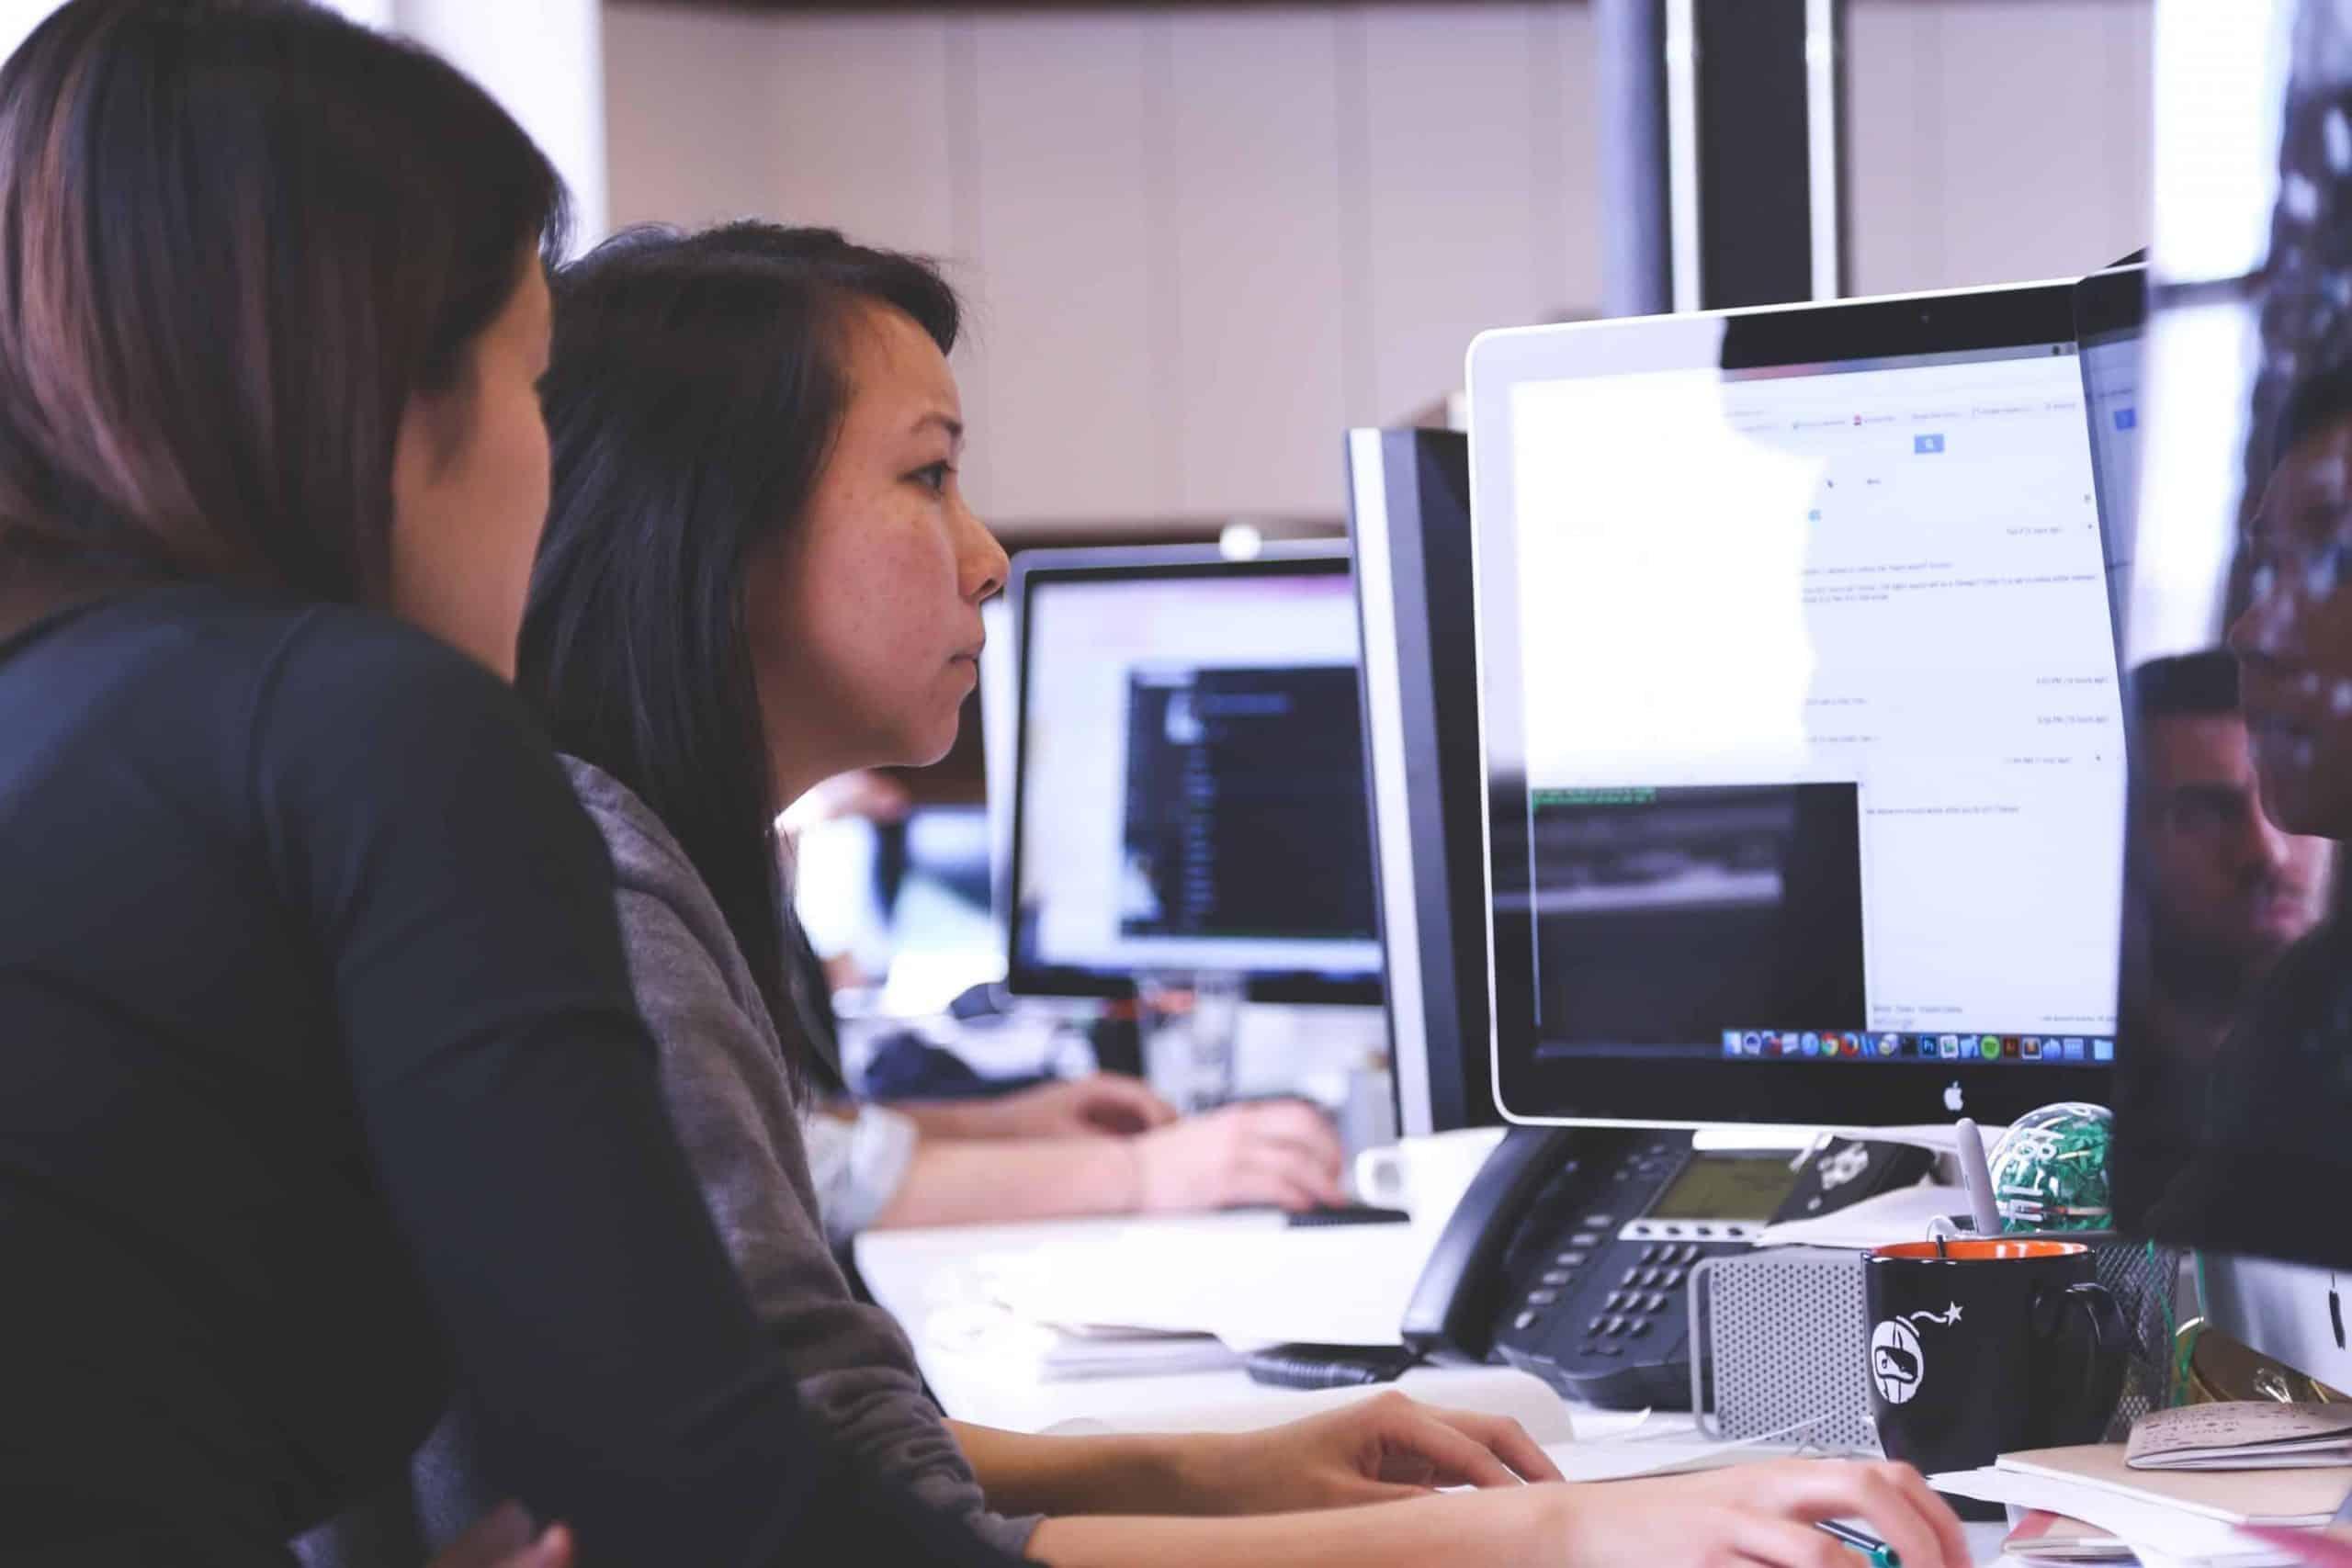 coaching-coders-coding-7374-2510009